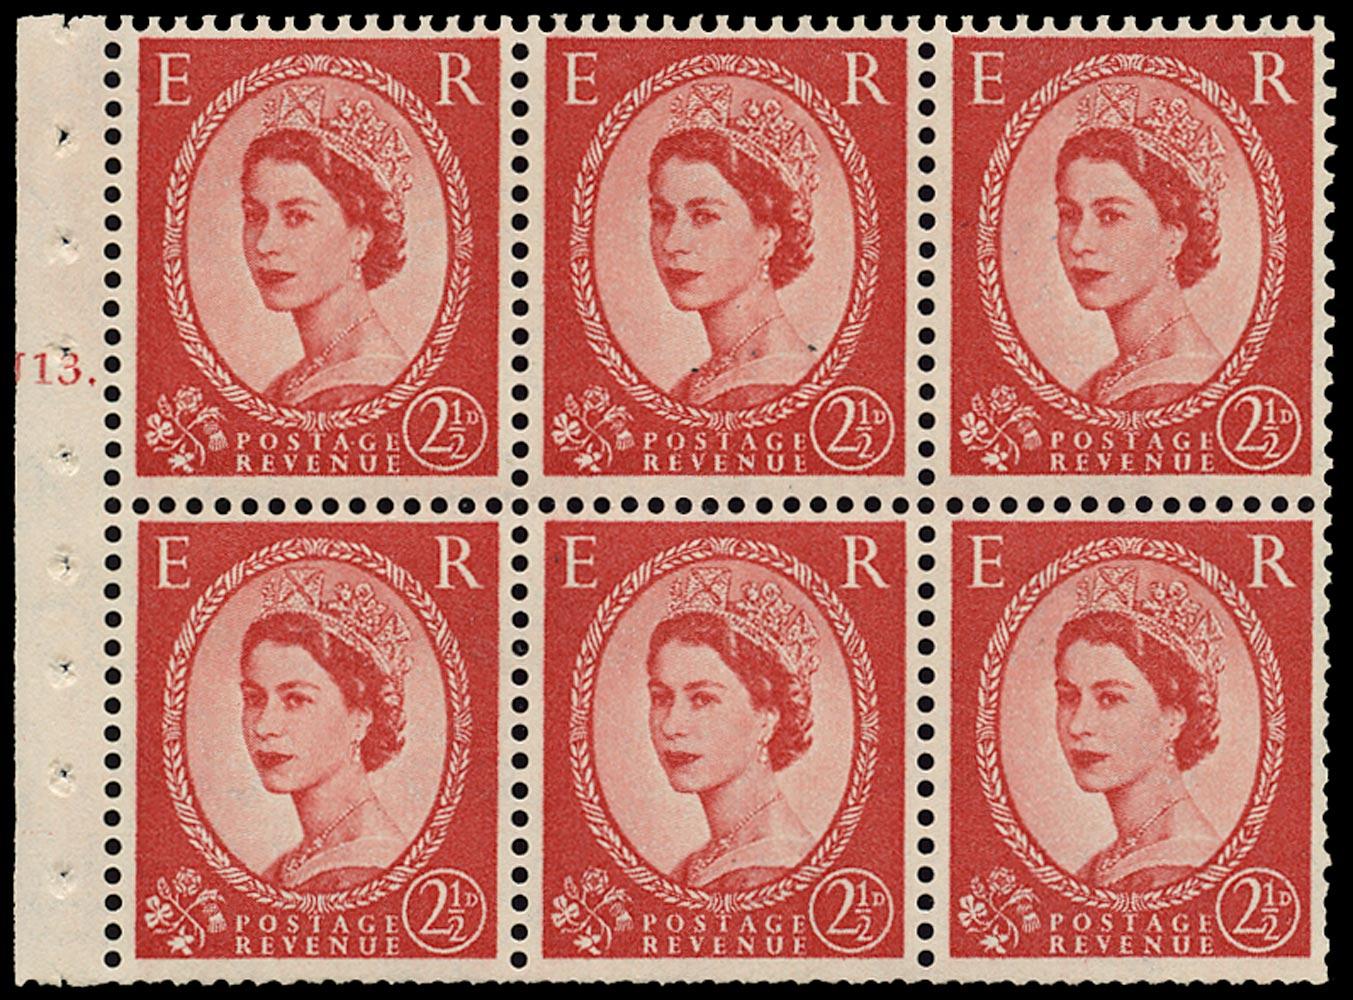 GB 1958  SG574l Booklet pane - Cylinder J13.T (Dot)